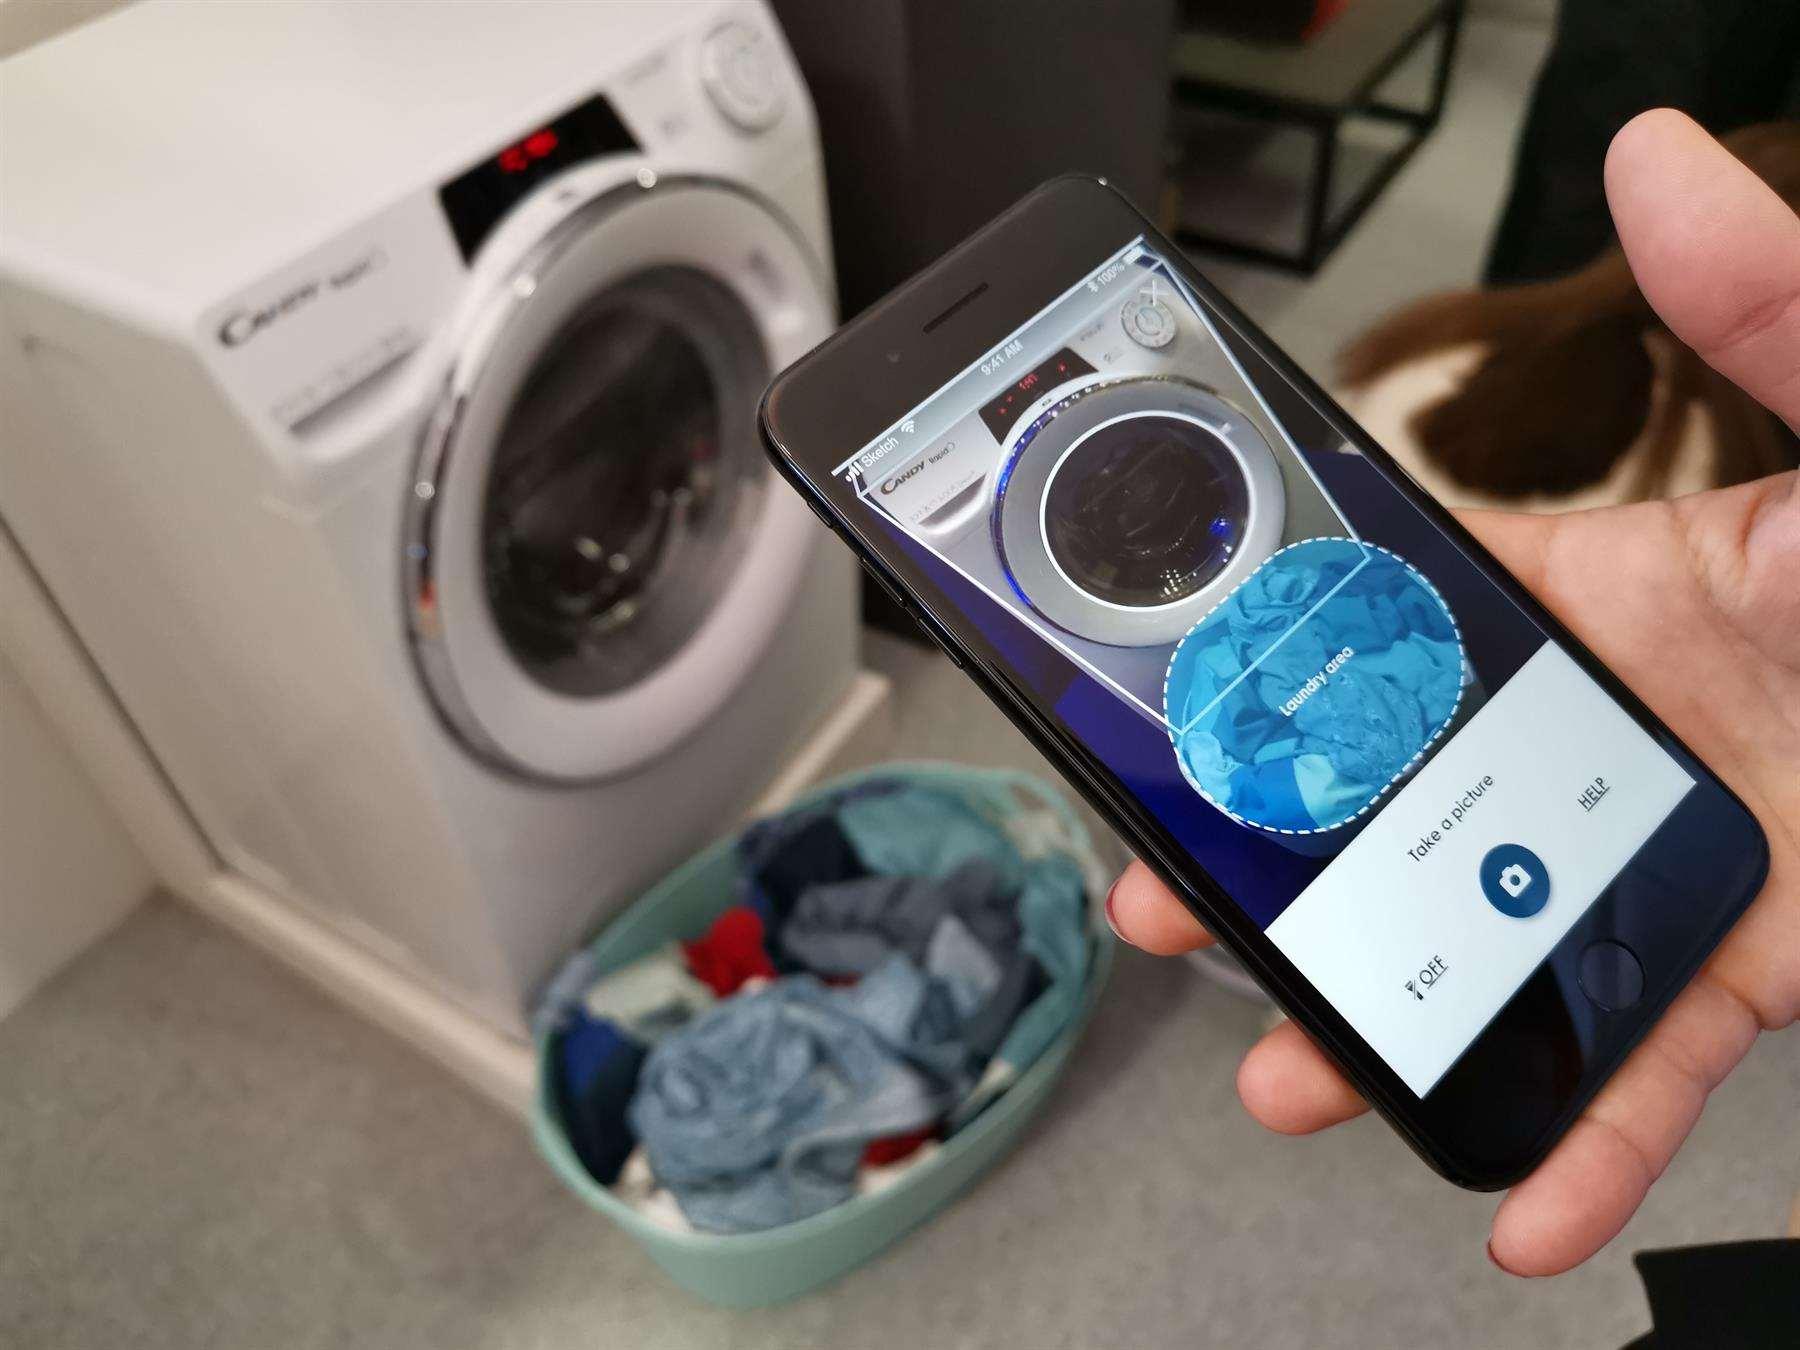 Πλυντήριο Ρούχων Candy Rapid'Ò - Λειτουργία Snap & Wash